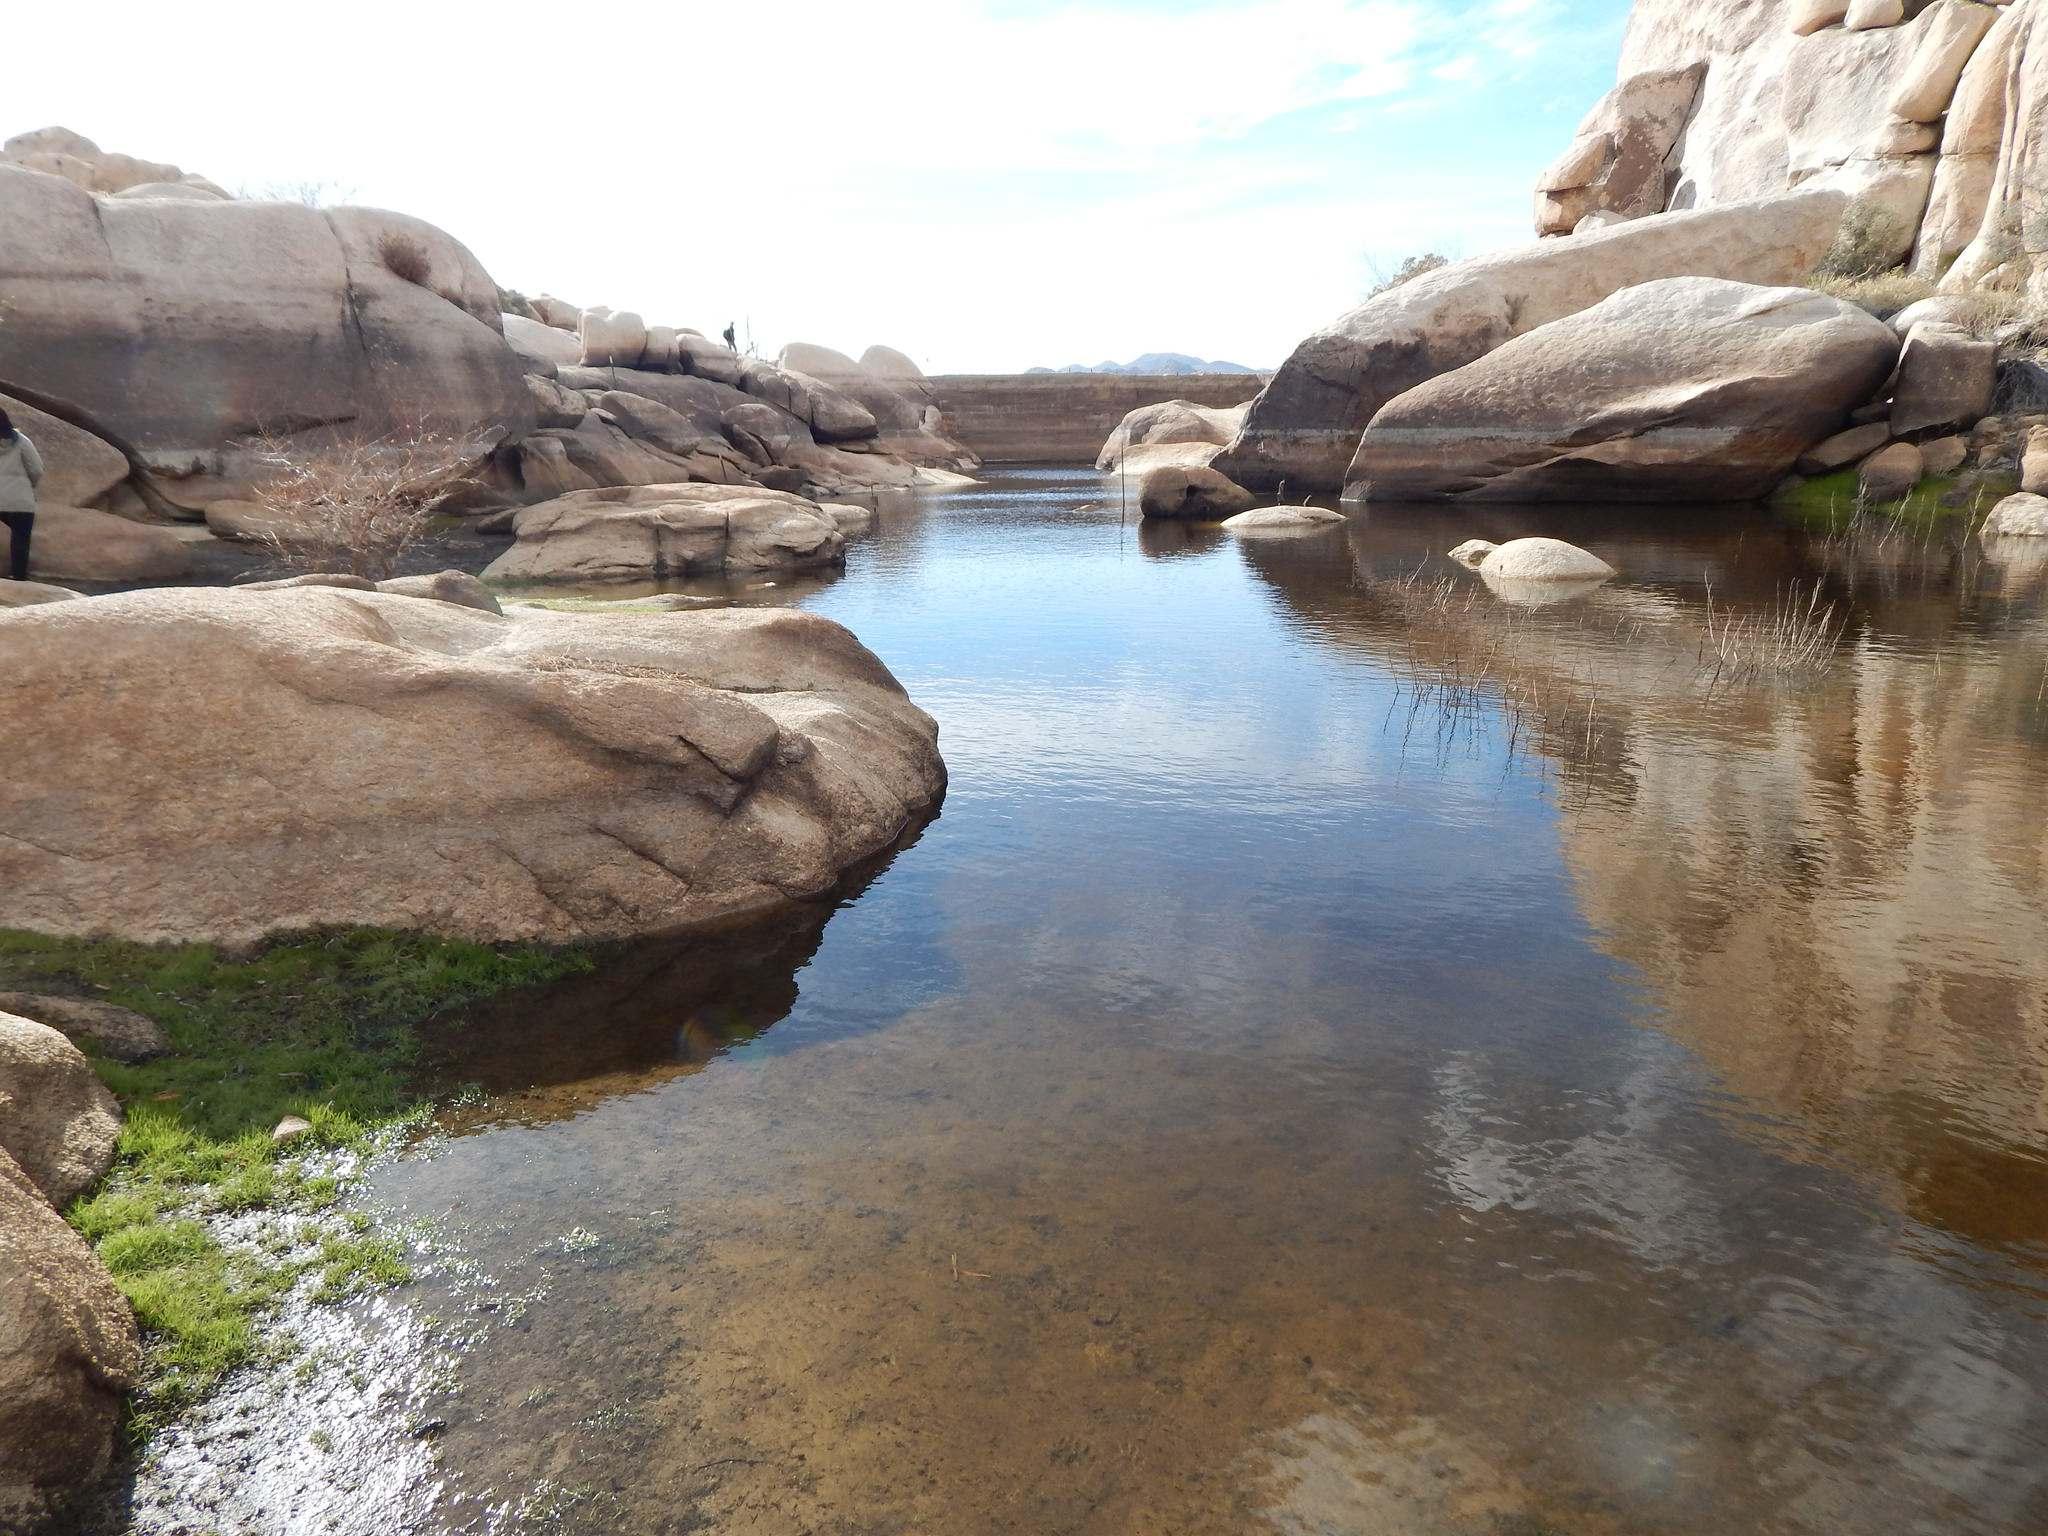 joshua tree national park5 Joshua Tree National Park Photos